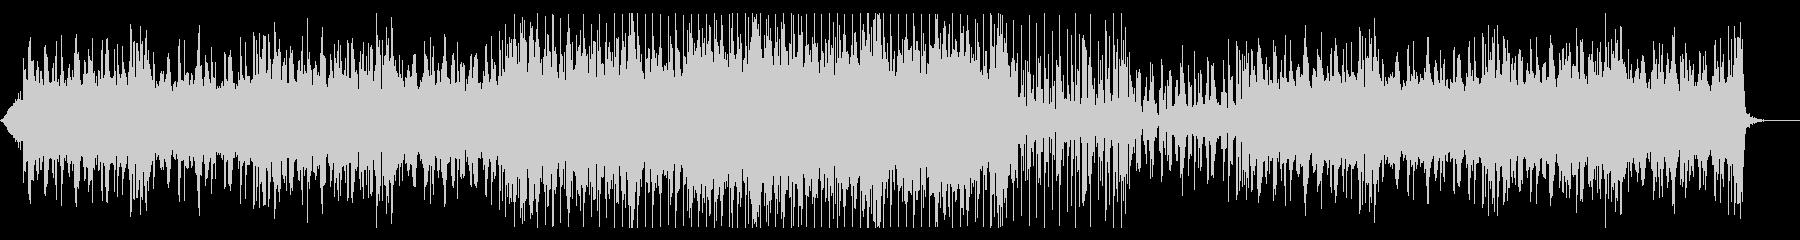 エスニックで神秘的なアンビエント風楽曲の未再生の波形